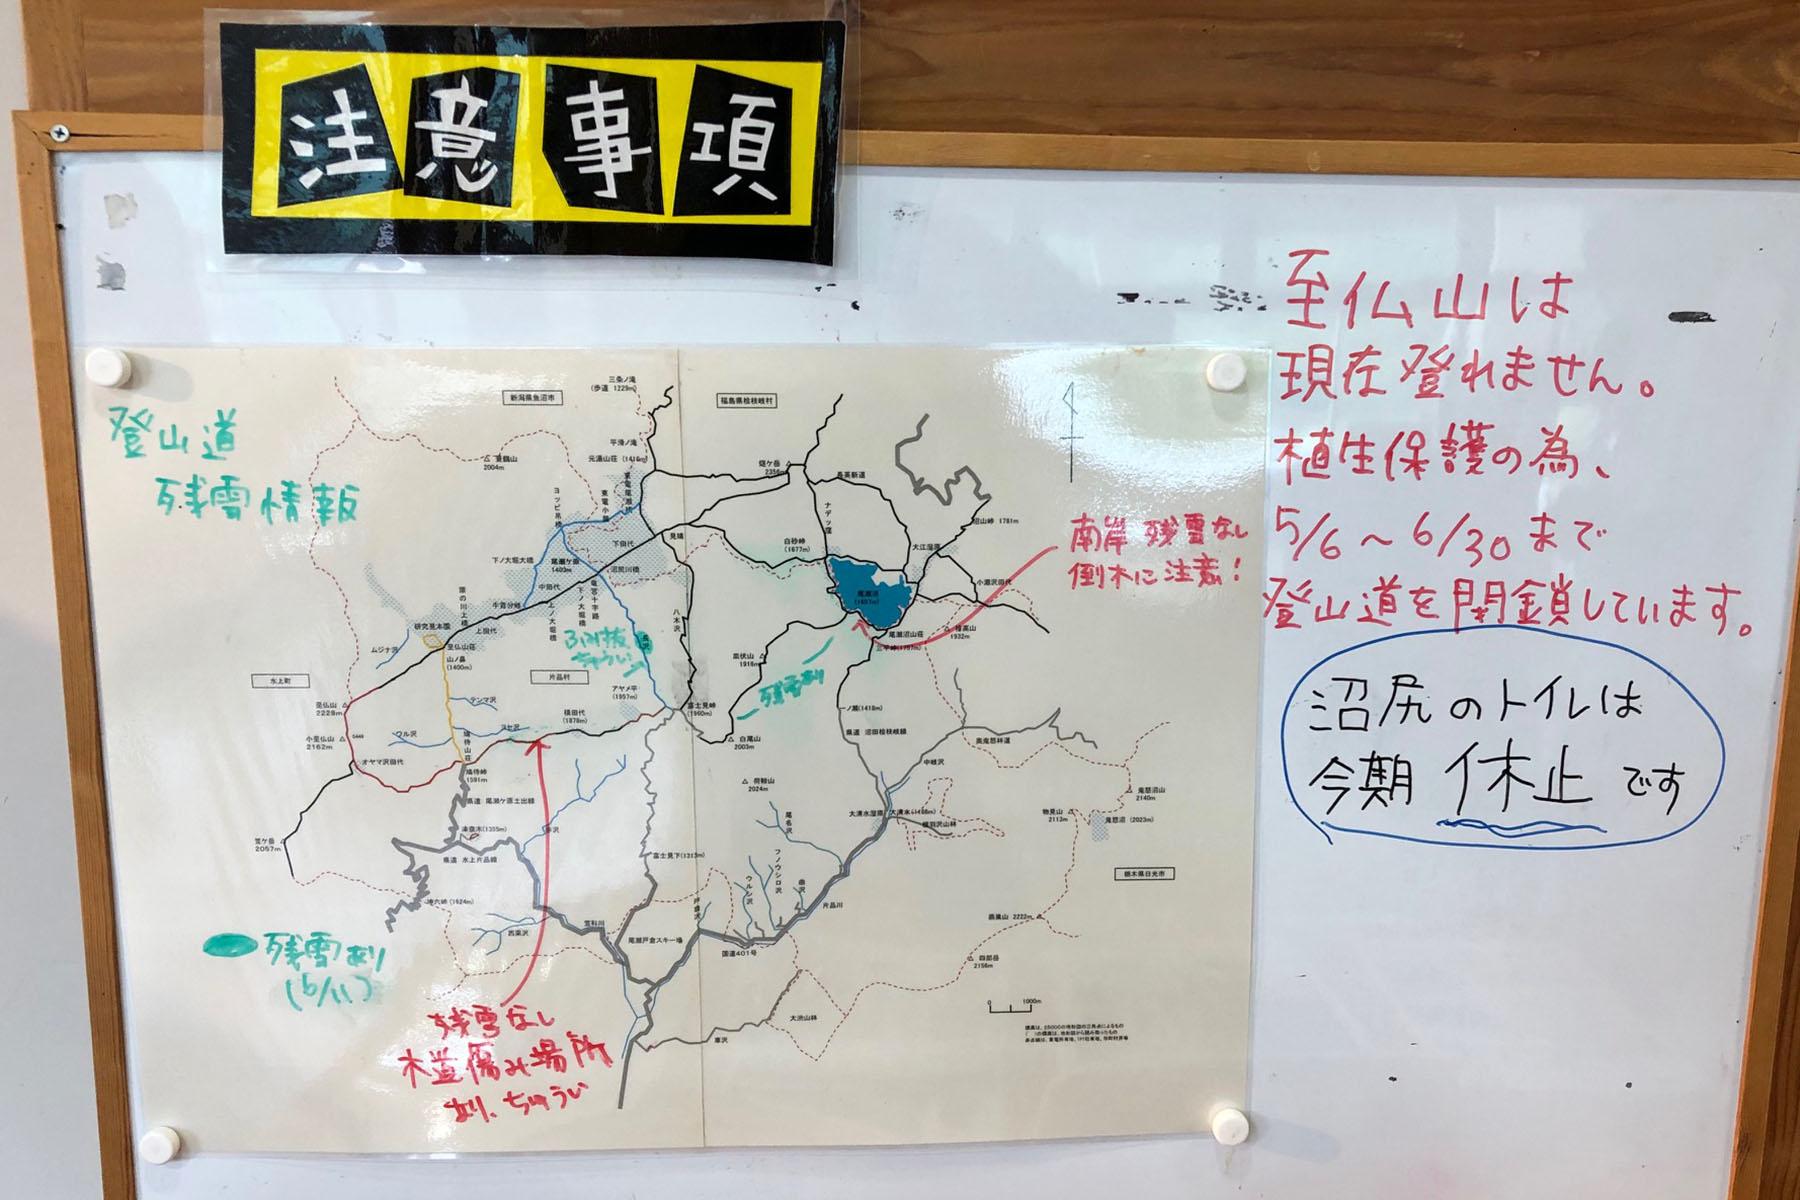 尾瀬ぷらり館、ネイチャーセンター内に掲示されていた登山道情報